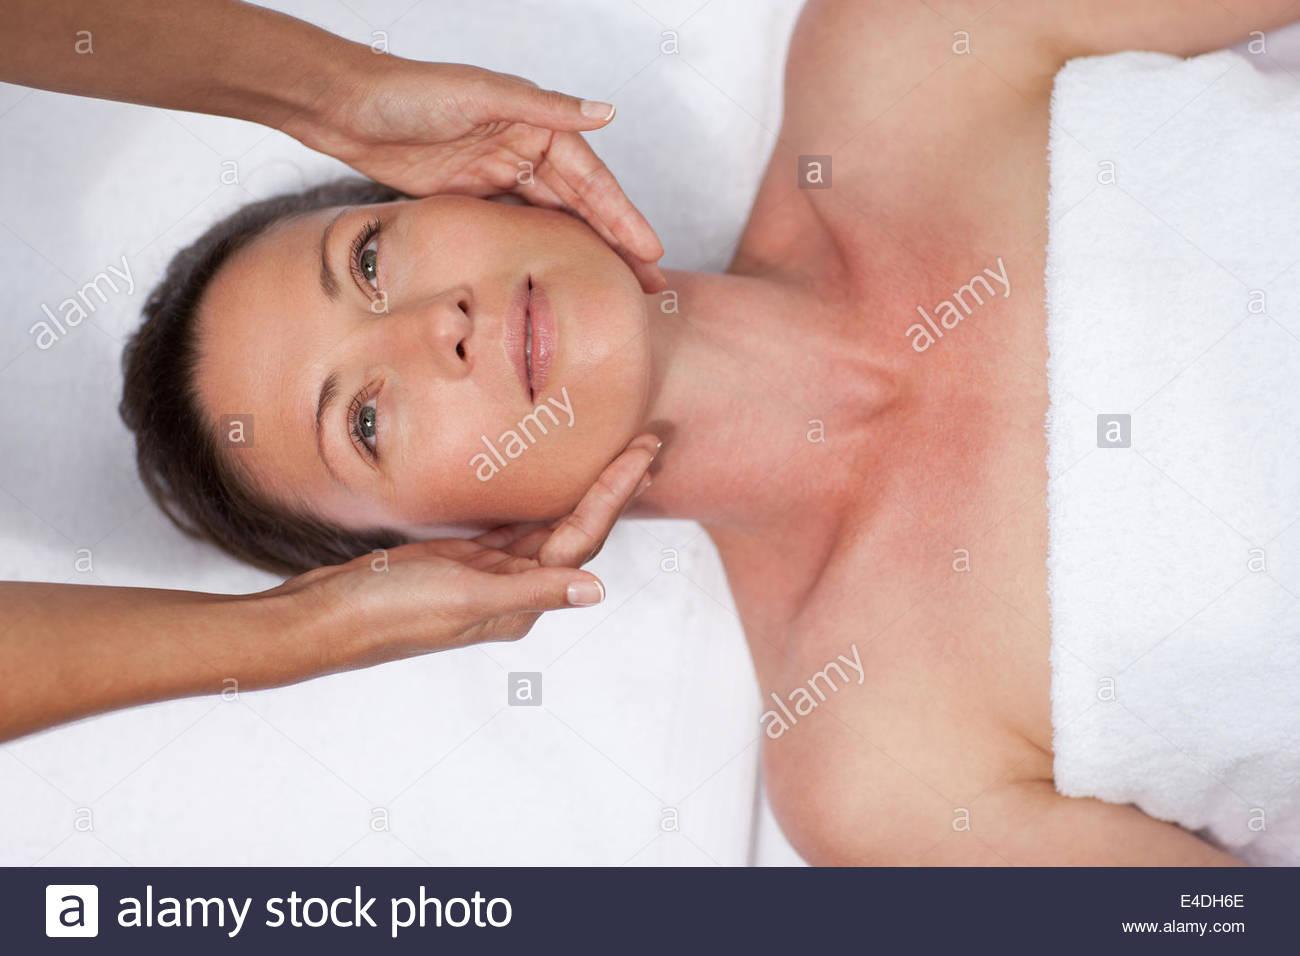 Woman receiving facial massage - Stock Image